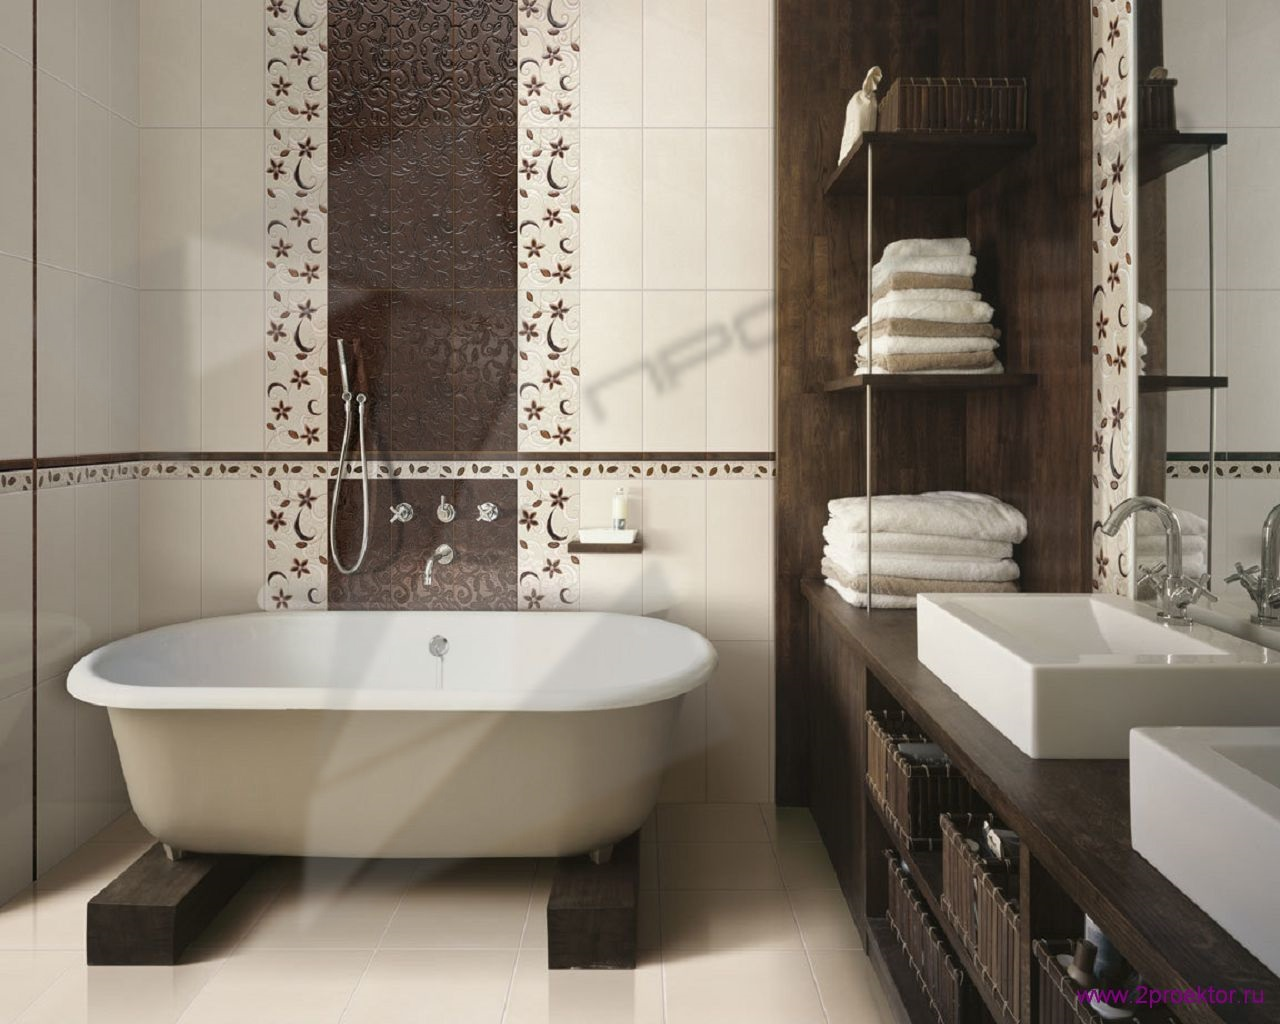 Дизайн просторной ванной комнаты совмещенной с санузлом в Жилом комплексе Тихвинская усадьба.